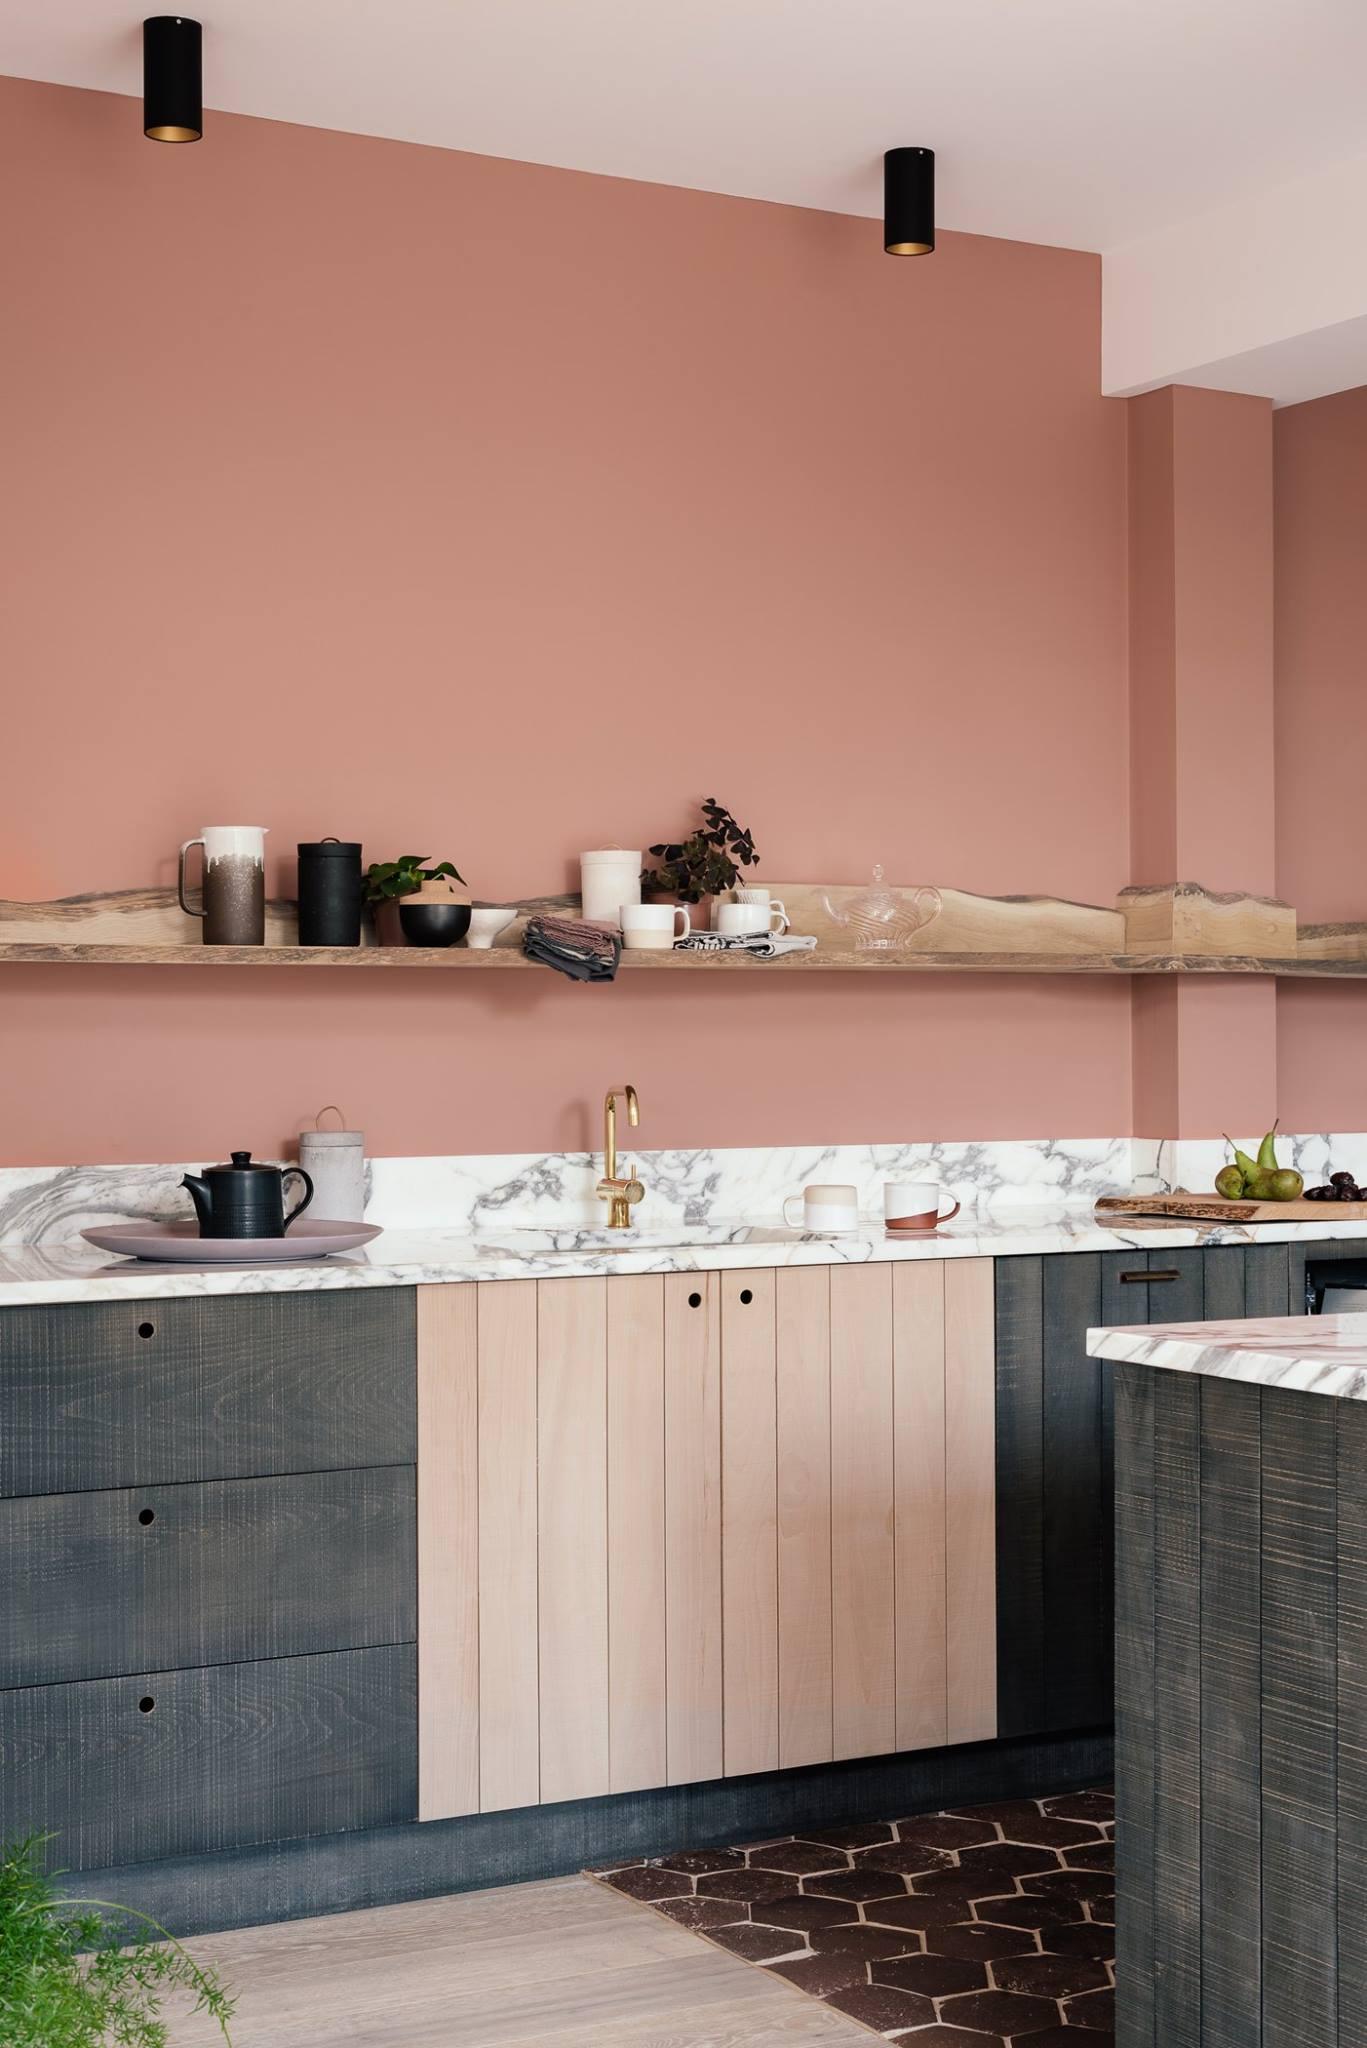 cementine-cucina-piastrelle-pareti-cucina-living-corriere